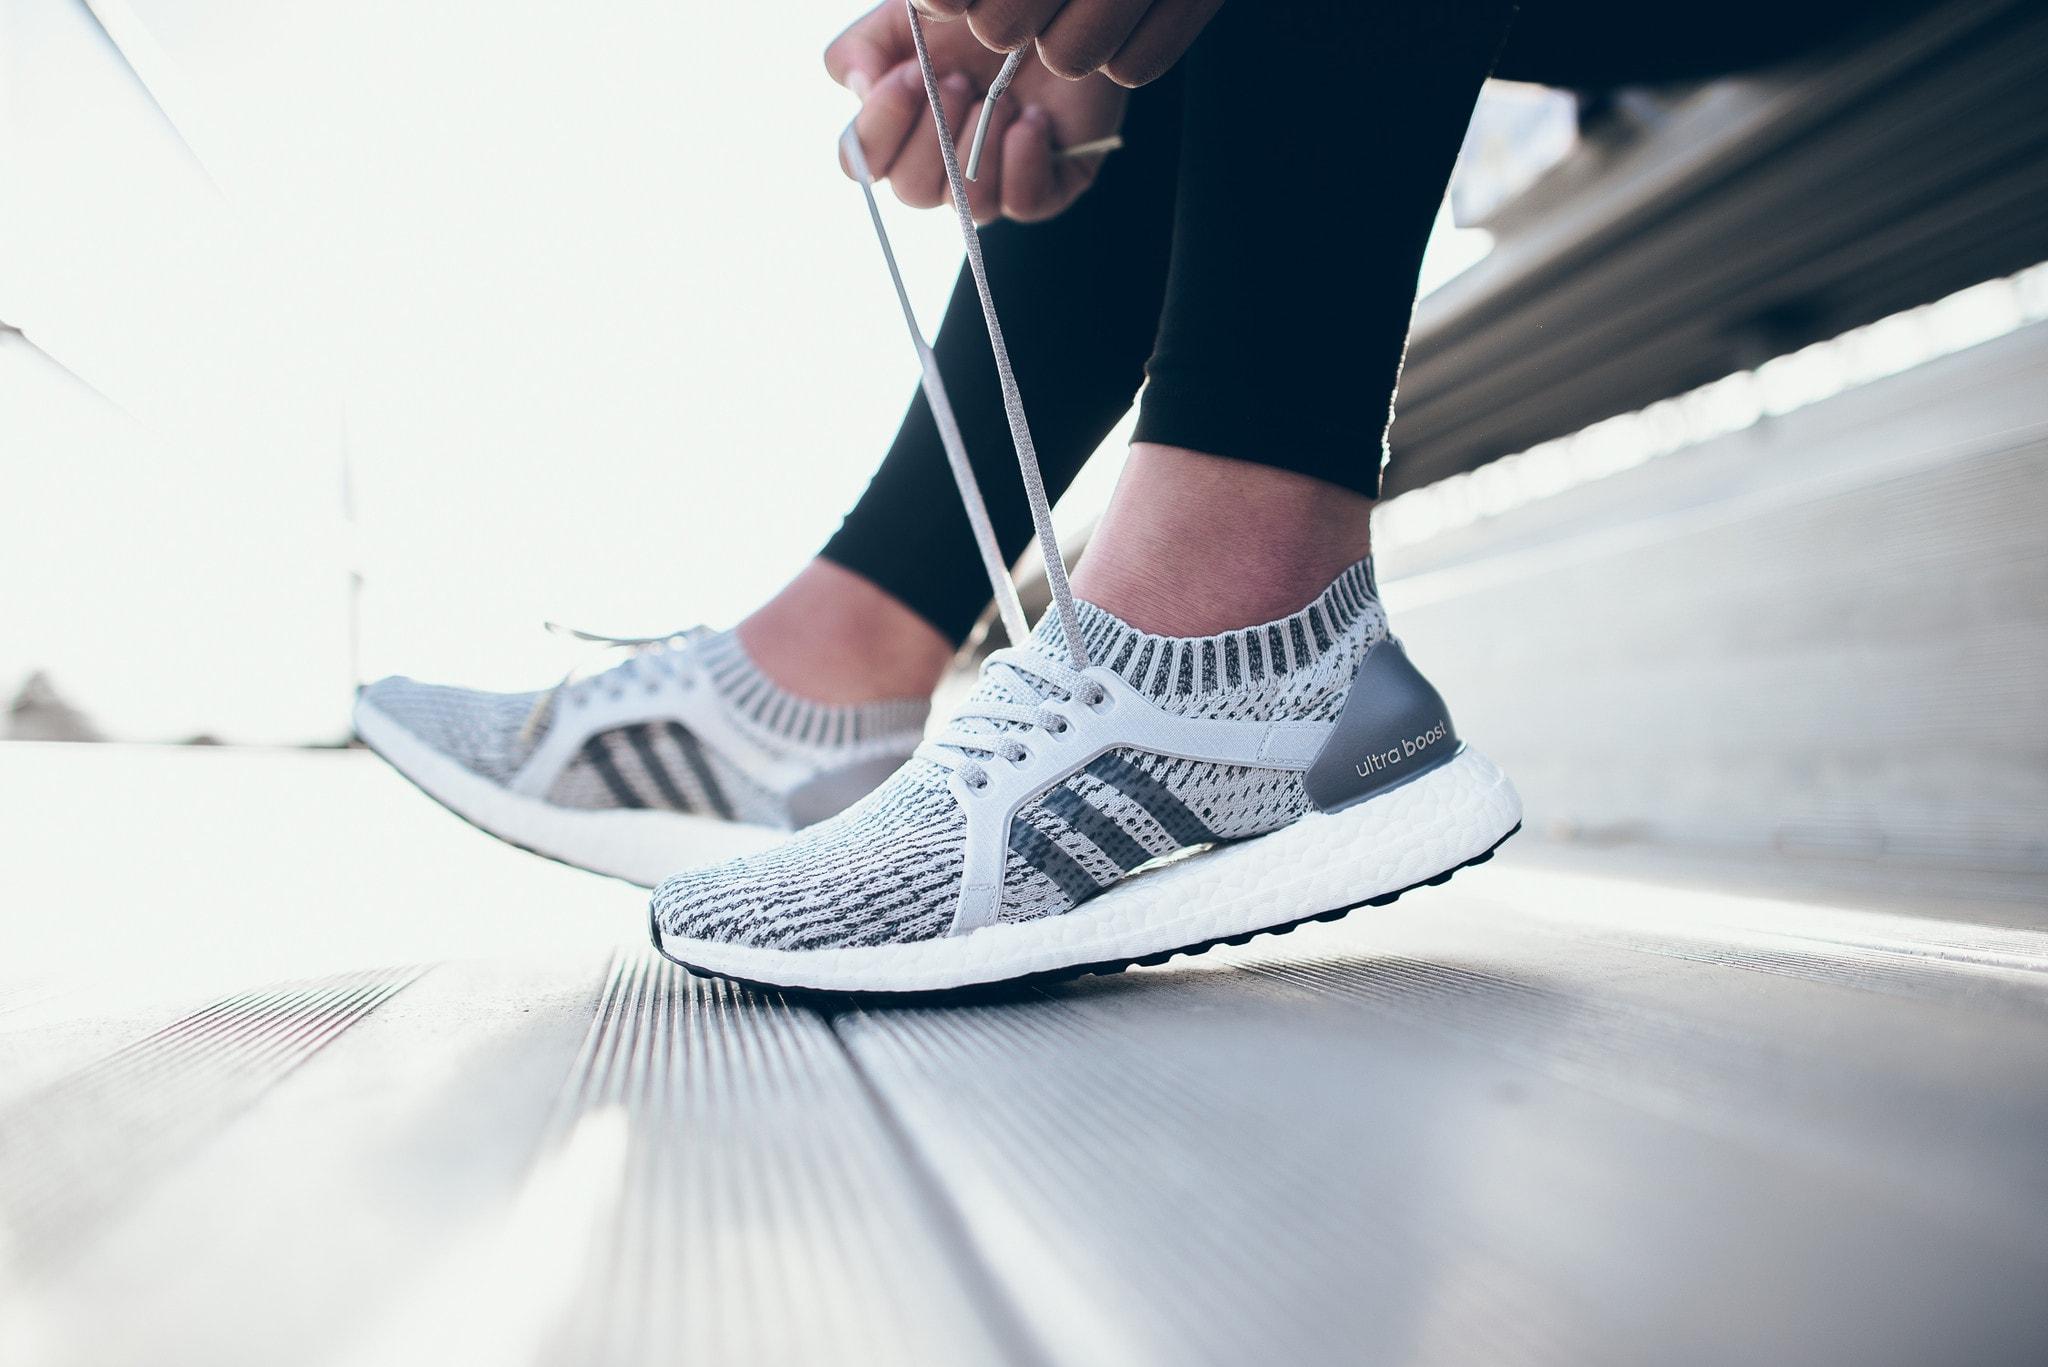 Khi bạn hiểu rõ đôi bàn chân của mình bạn sẽ dễ dàng hơn trong việc lựa chọn giày